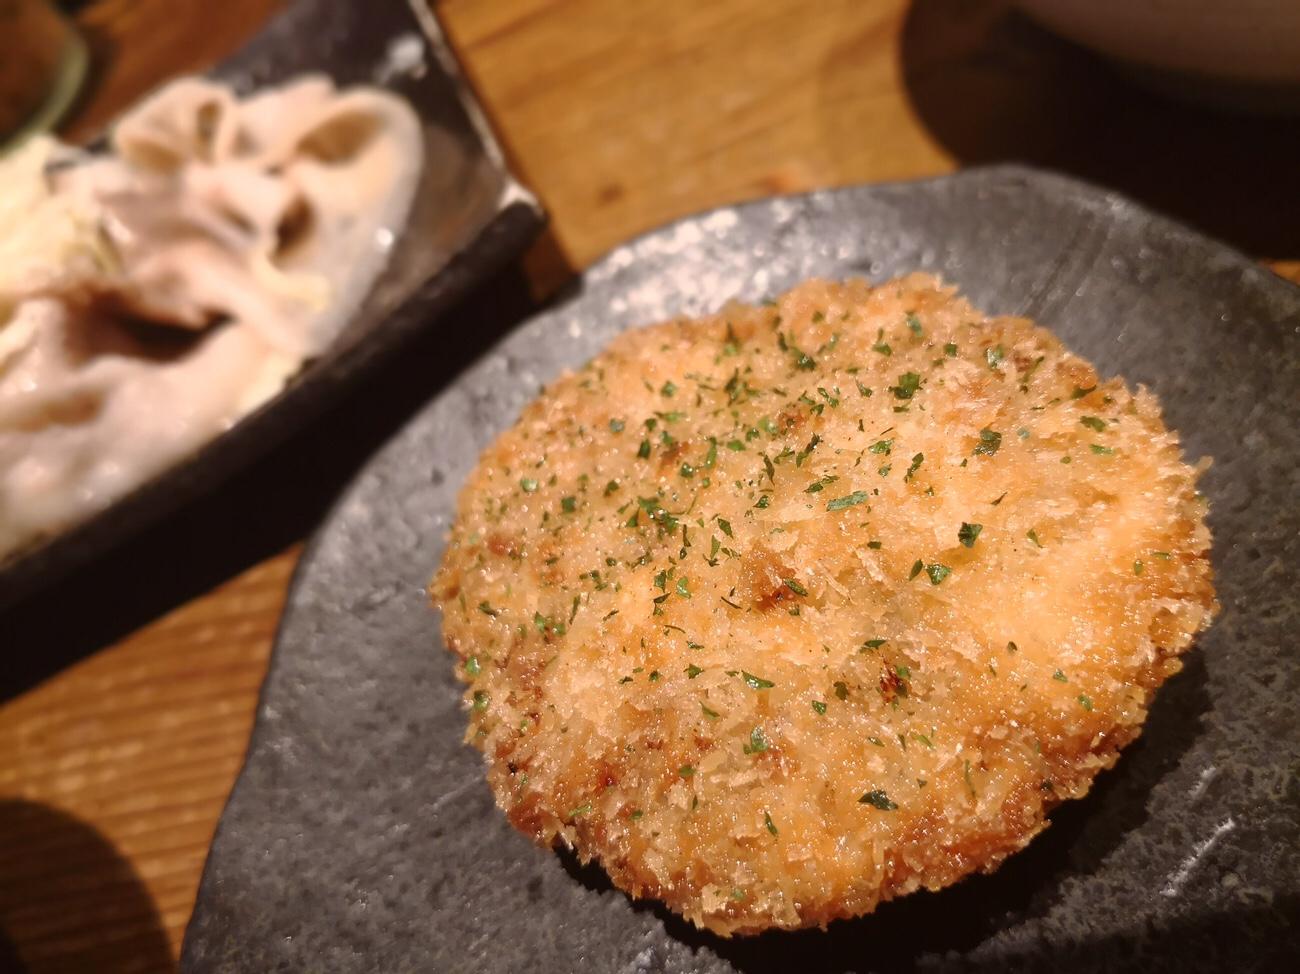 美味しい豚メンチカツ 山ぶた 大阪駅前ビルランチ